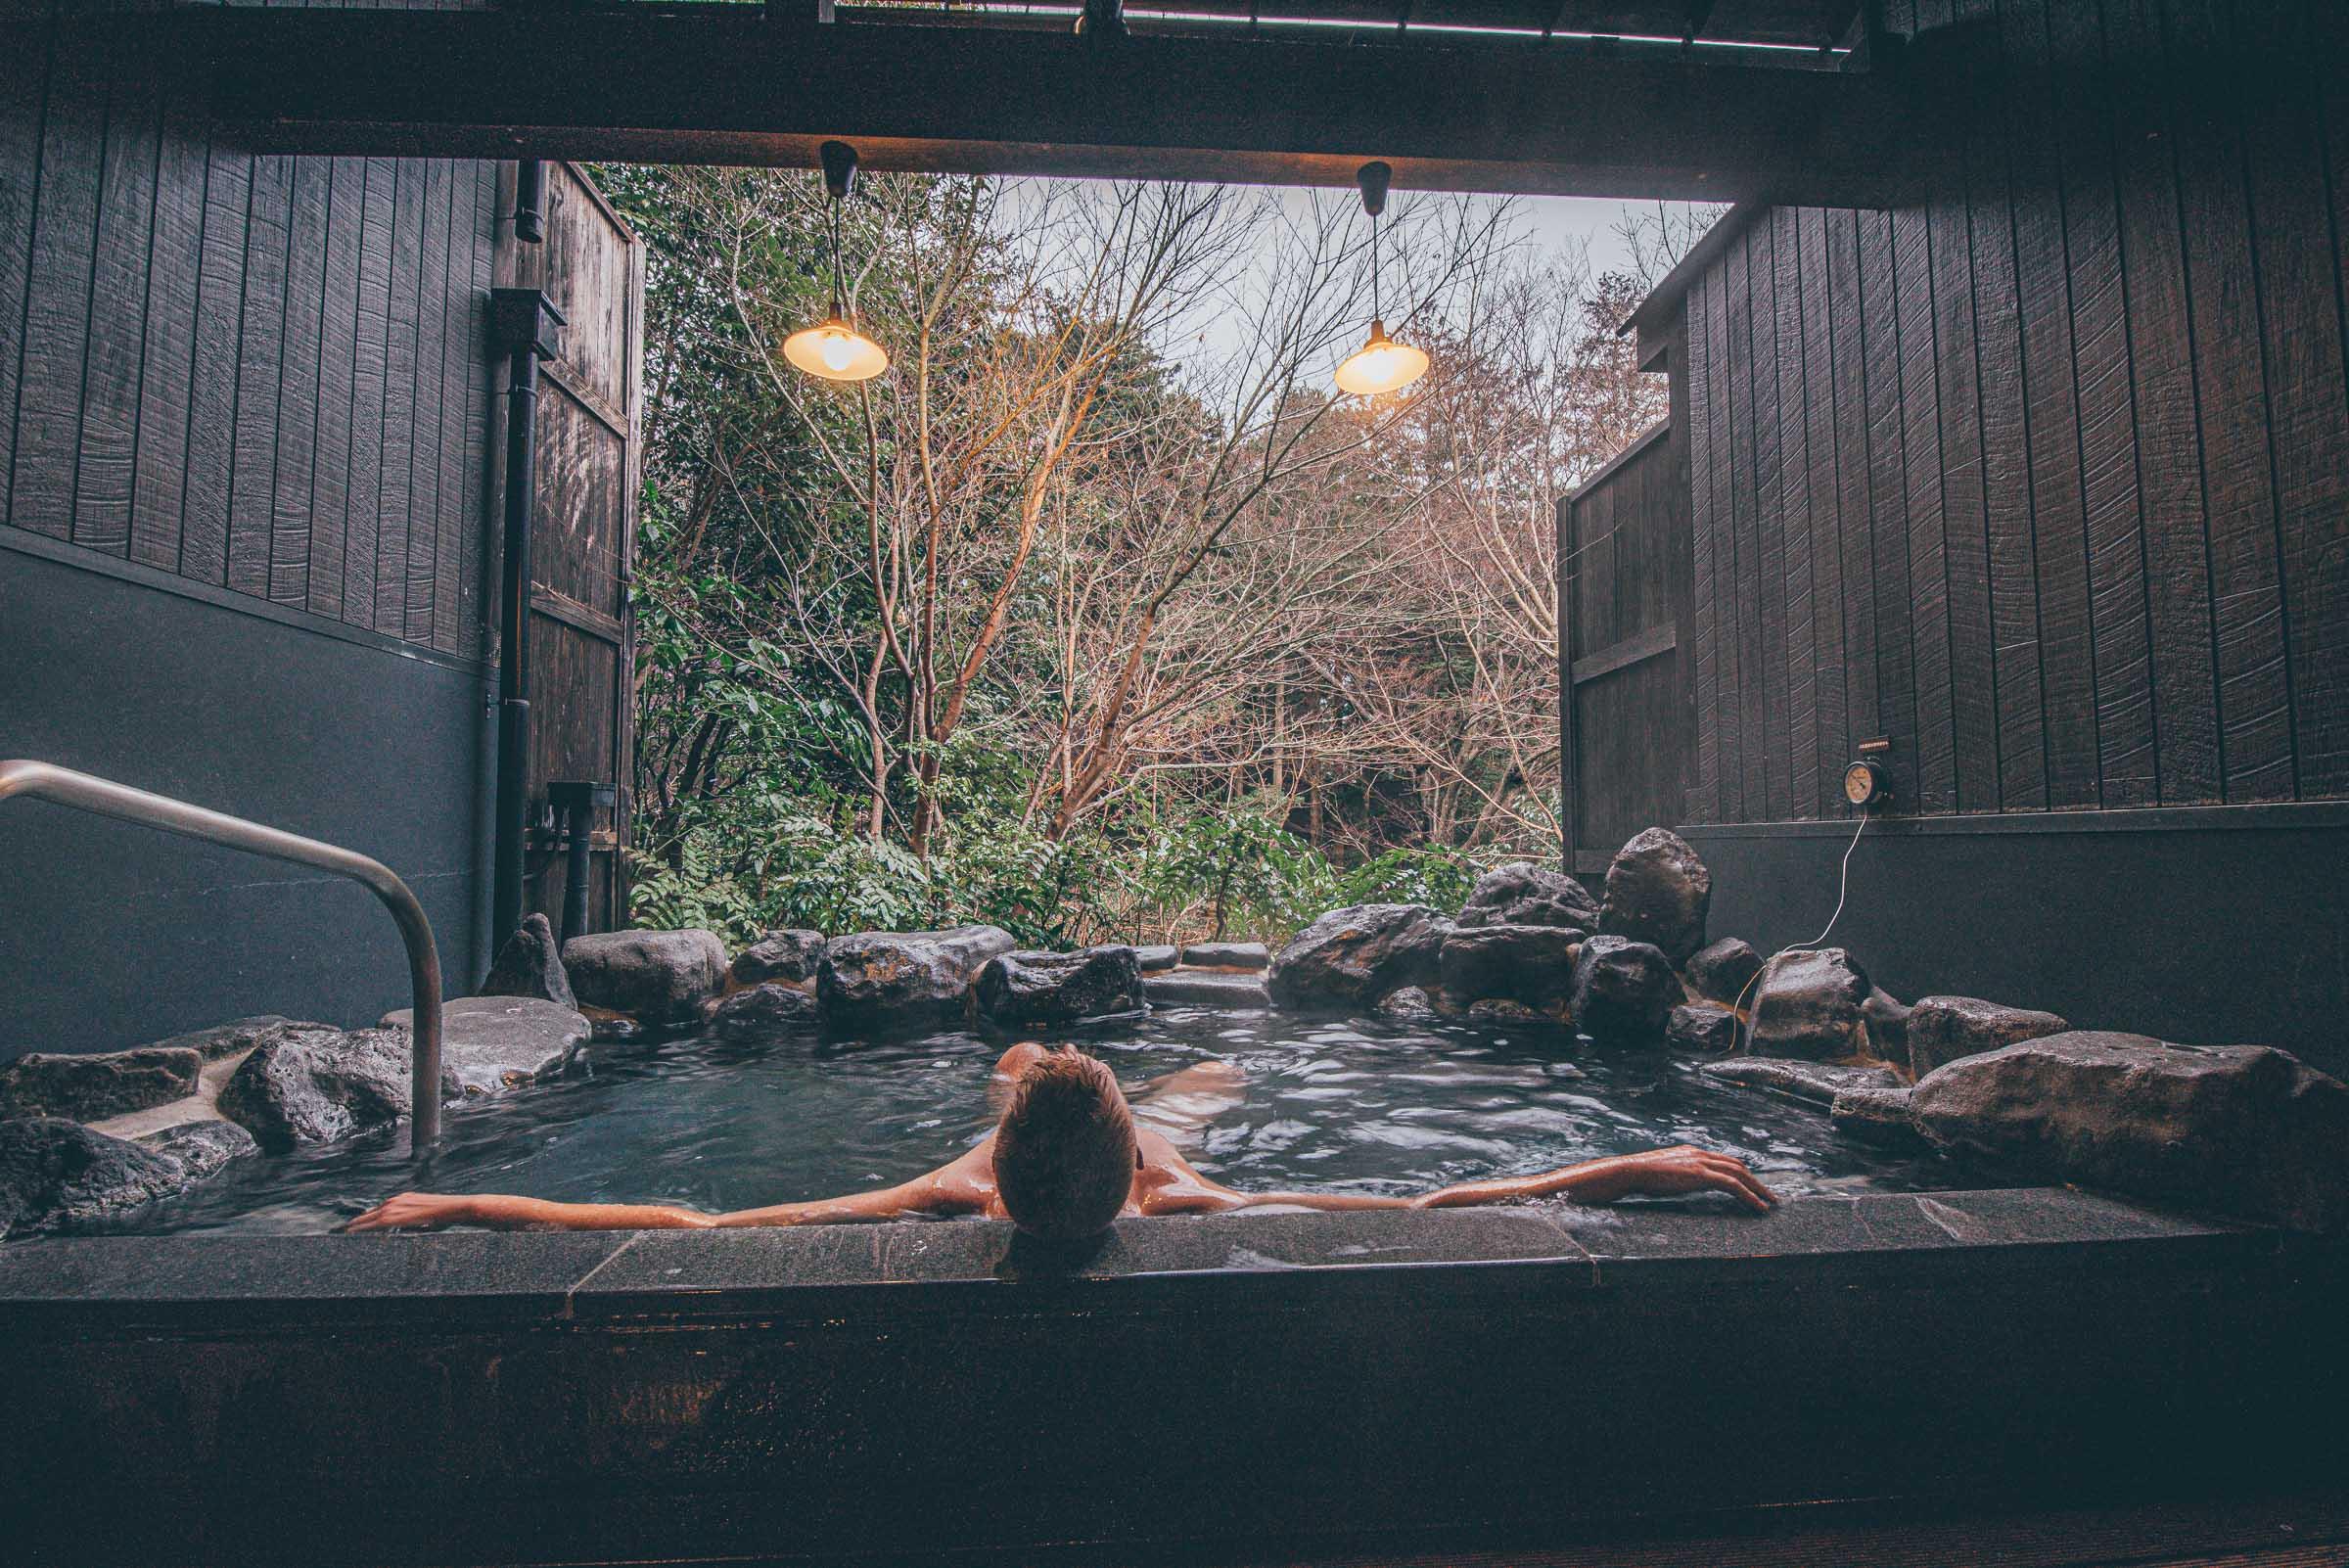 Hakone Yuryo Onsen Spa